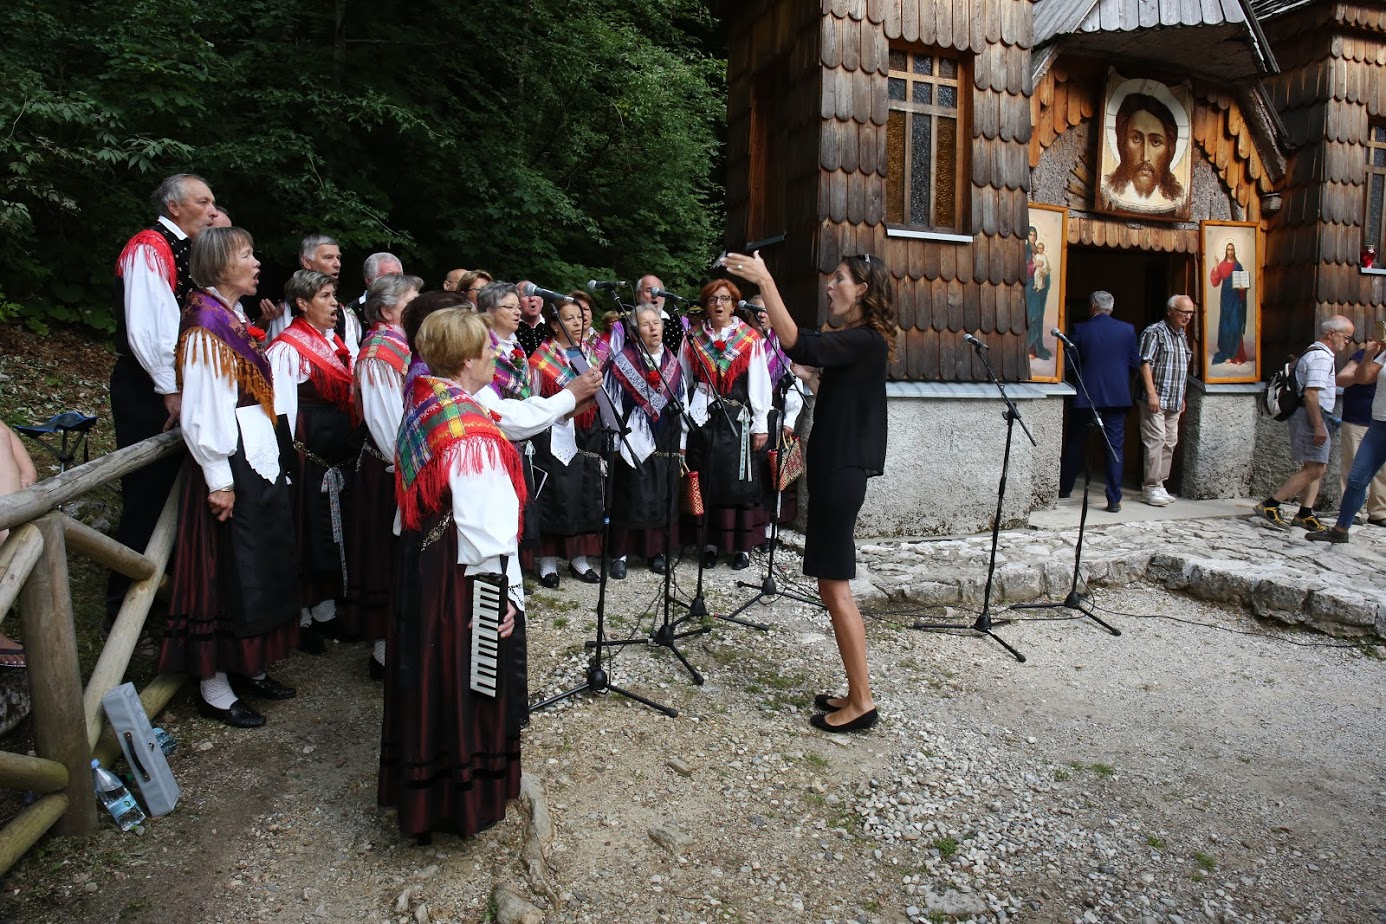 Utrinek iz kulturnega programa ob Ruski kapelici.\n